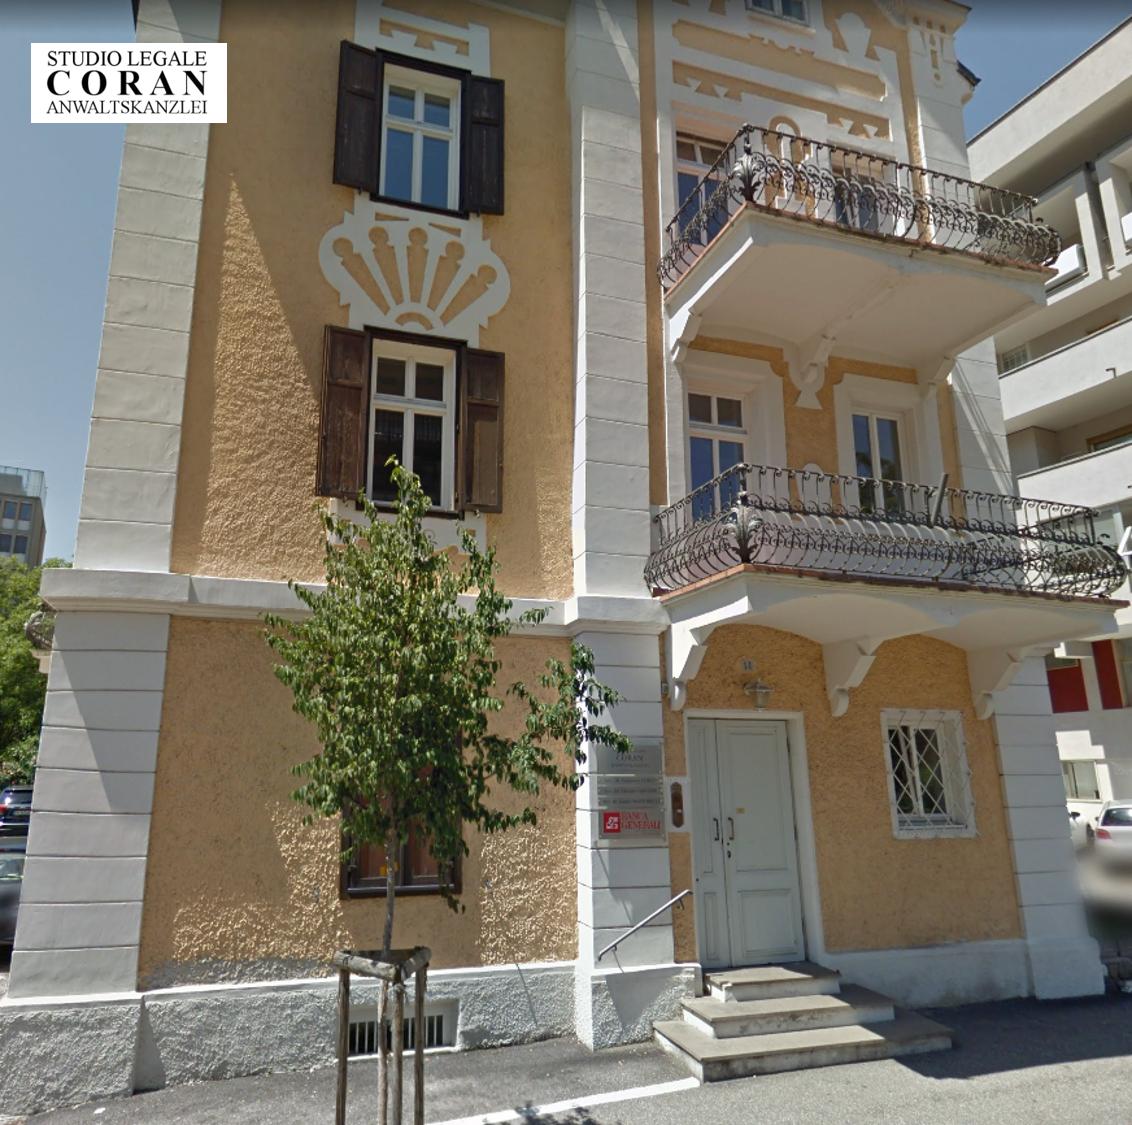 Studio legale Coran Bolzano